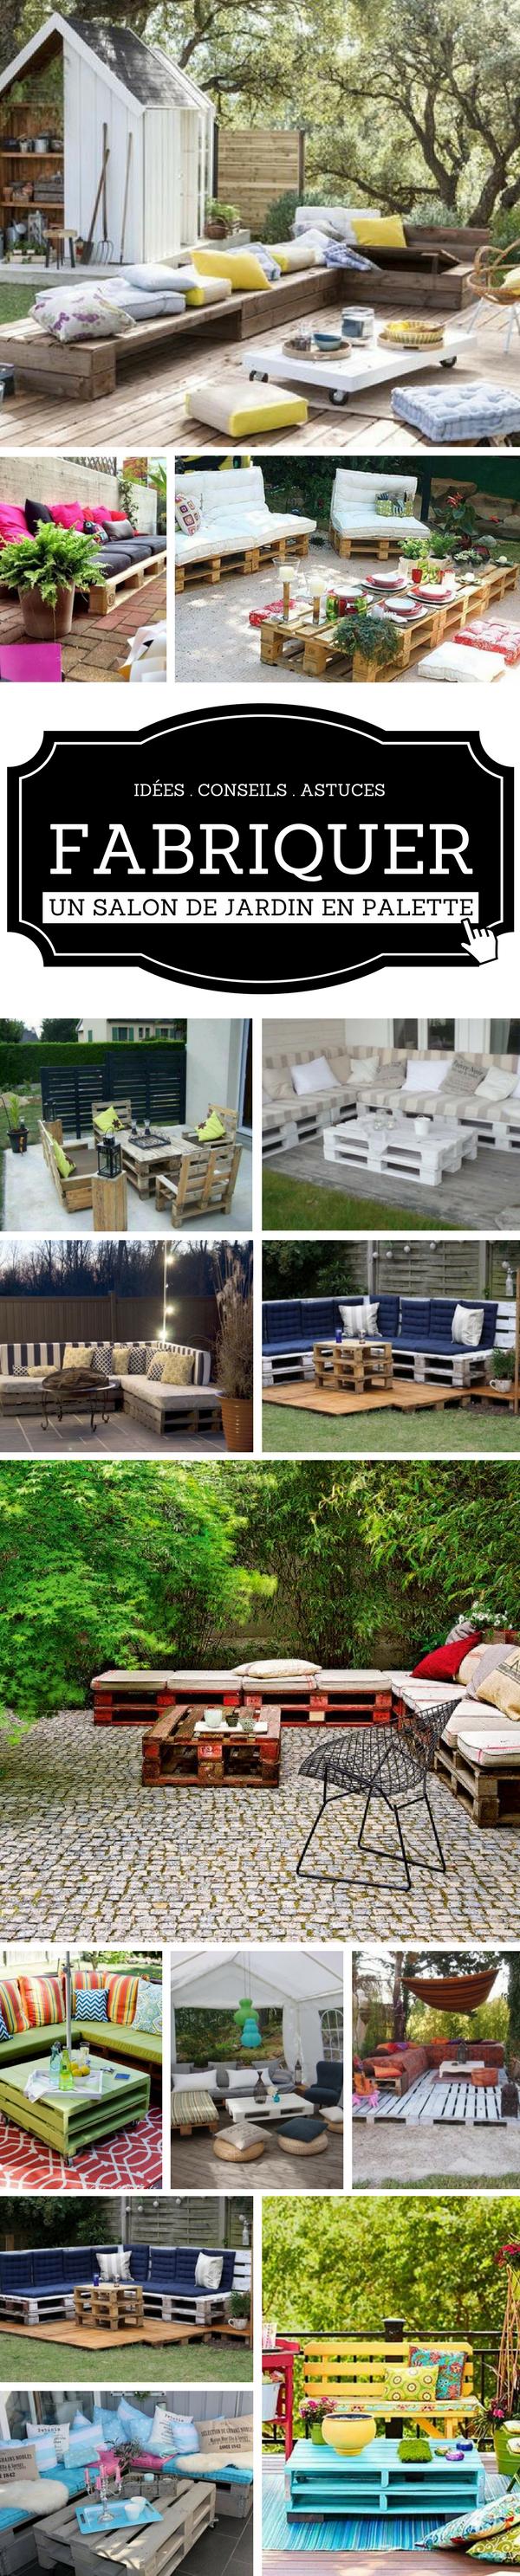 Salon de Jardin en Palette : 21 Idées à Découvrir   Upcycled ...